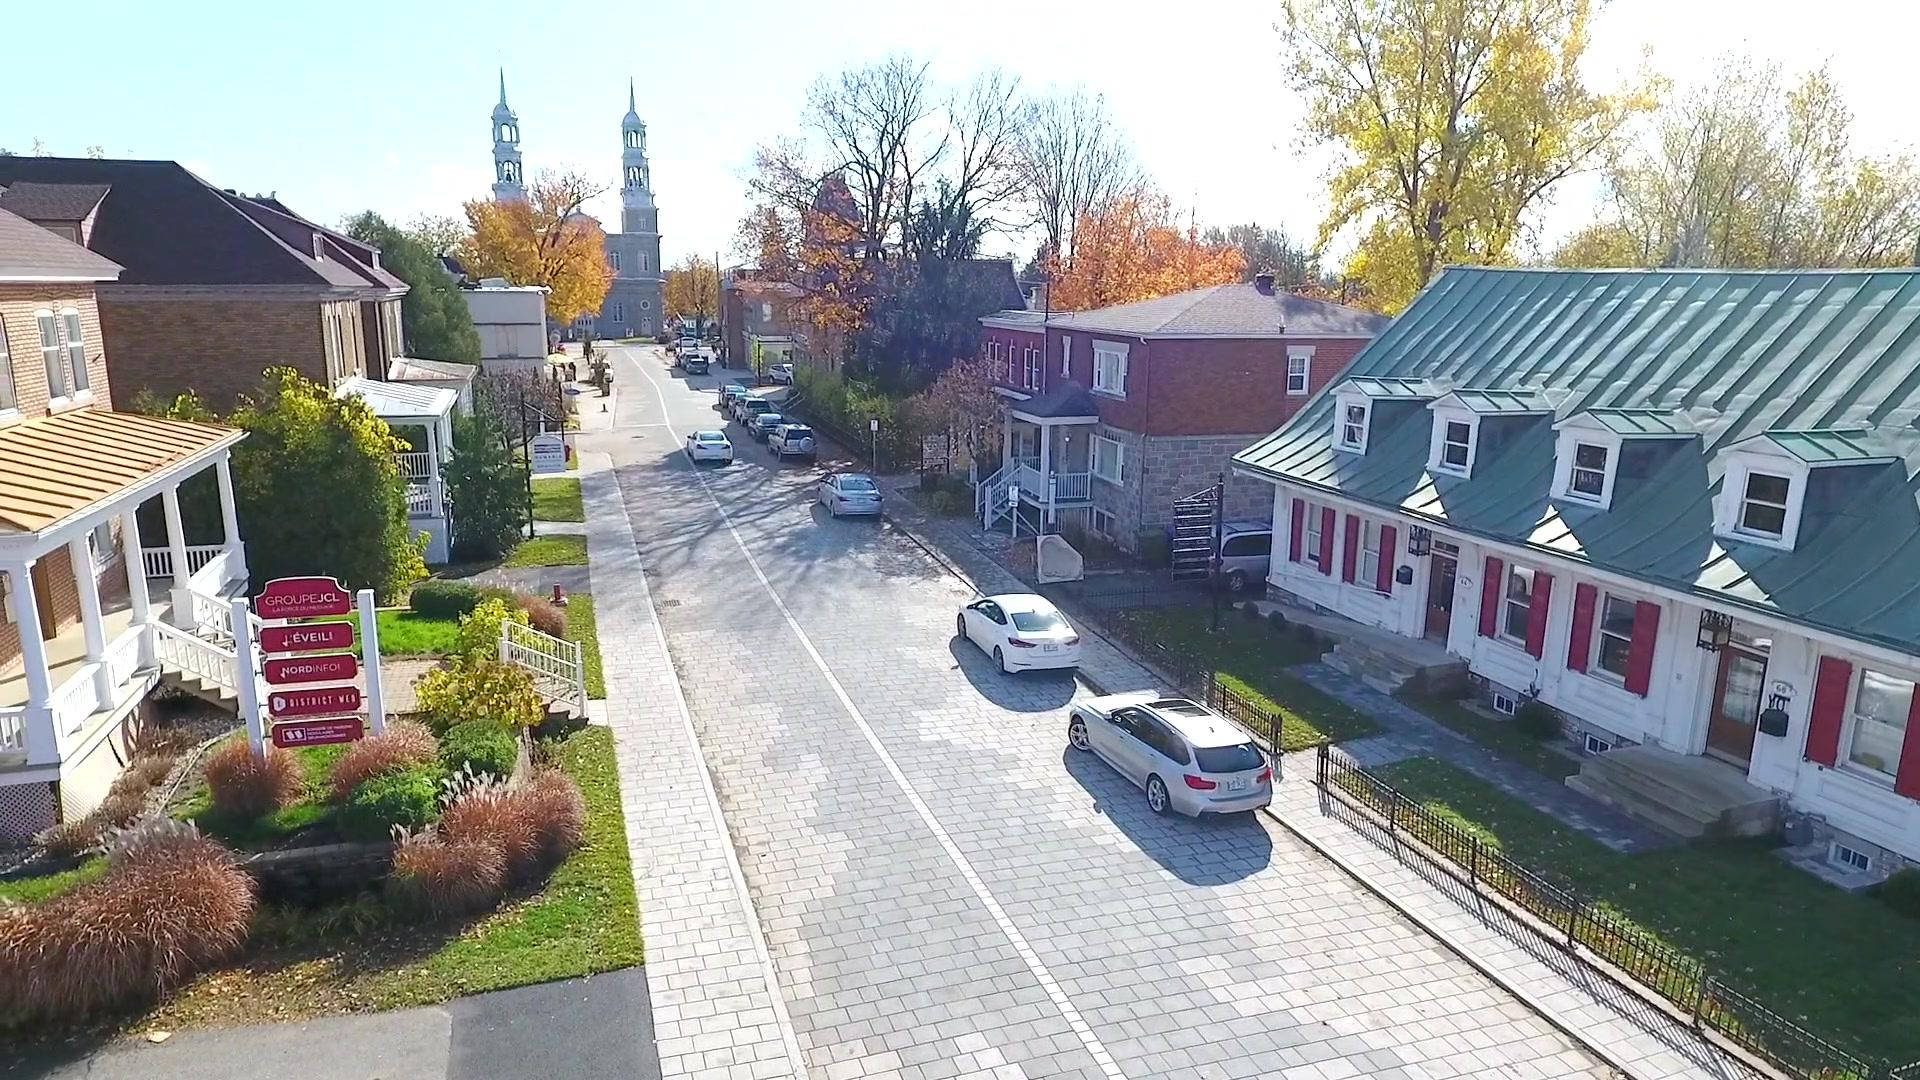 Pavé & paysagiste Boisbriand - Commercial - Aménagement - Municipal - Boisbriand